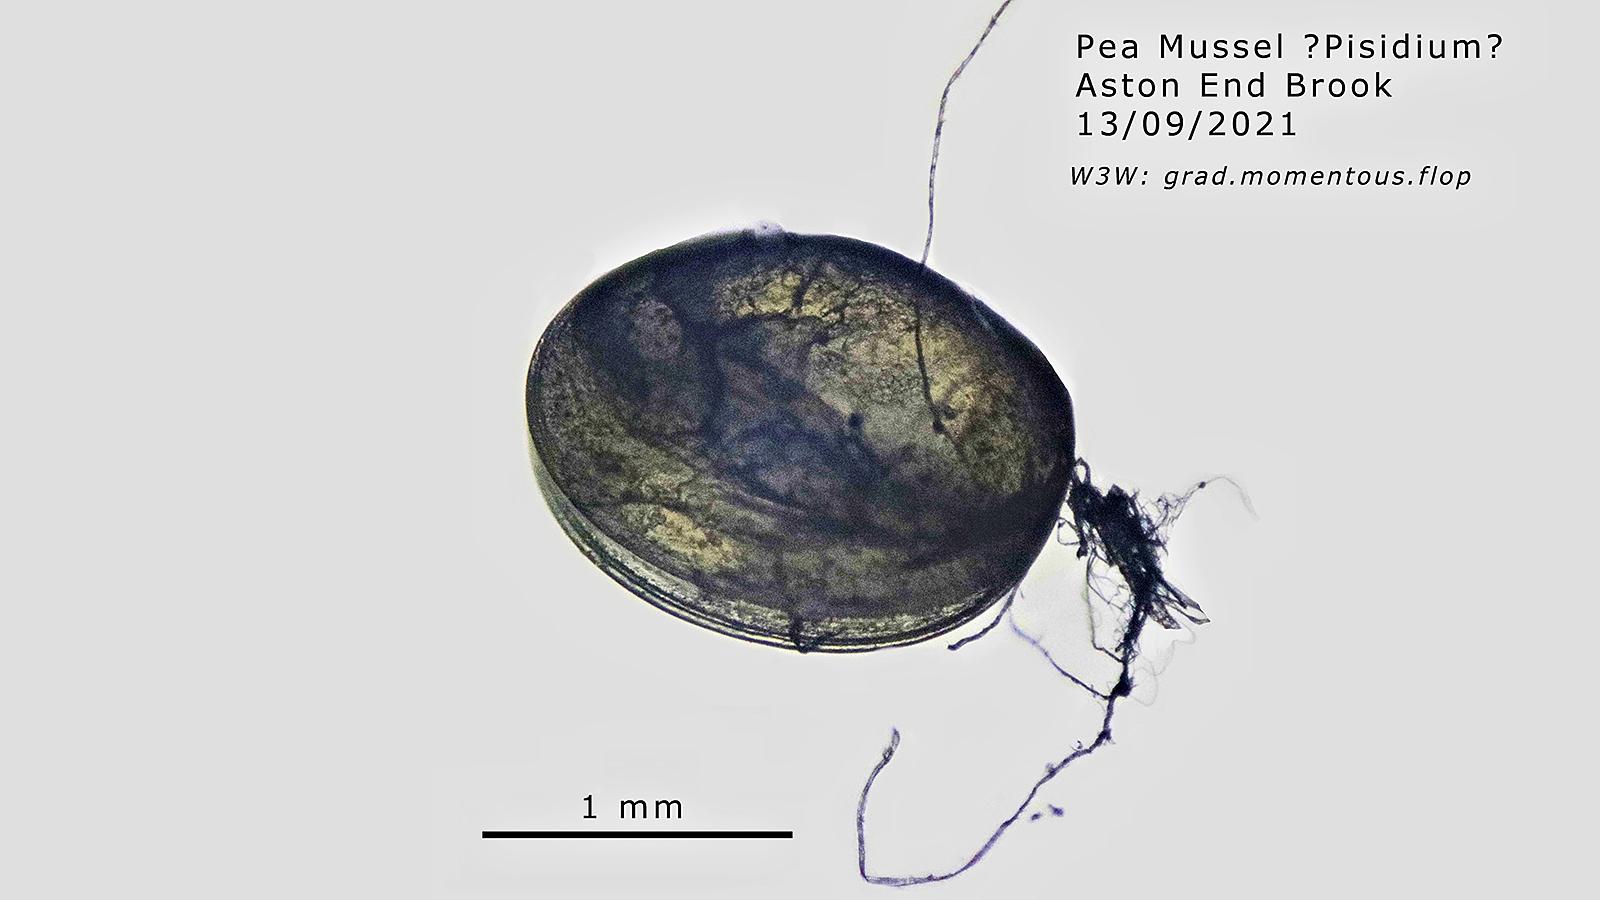 Pea mussel